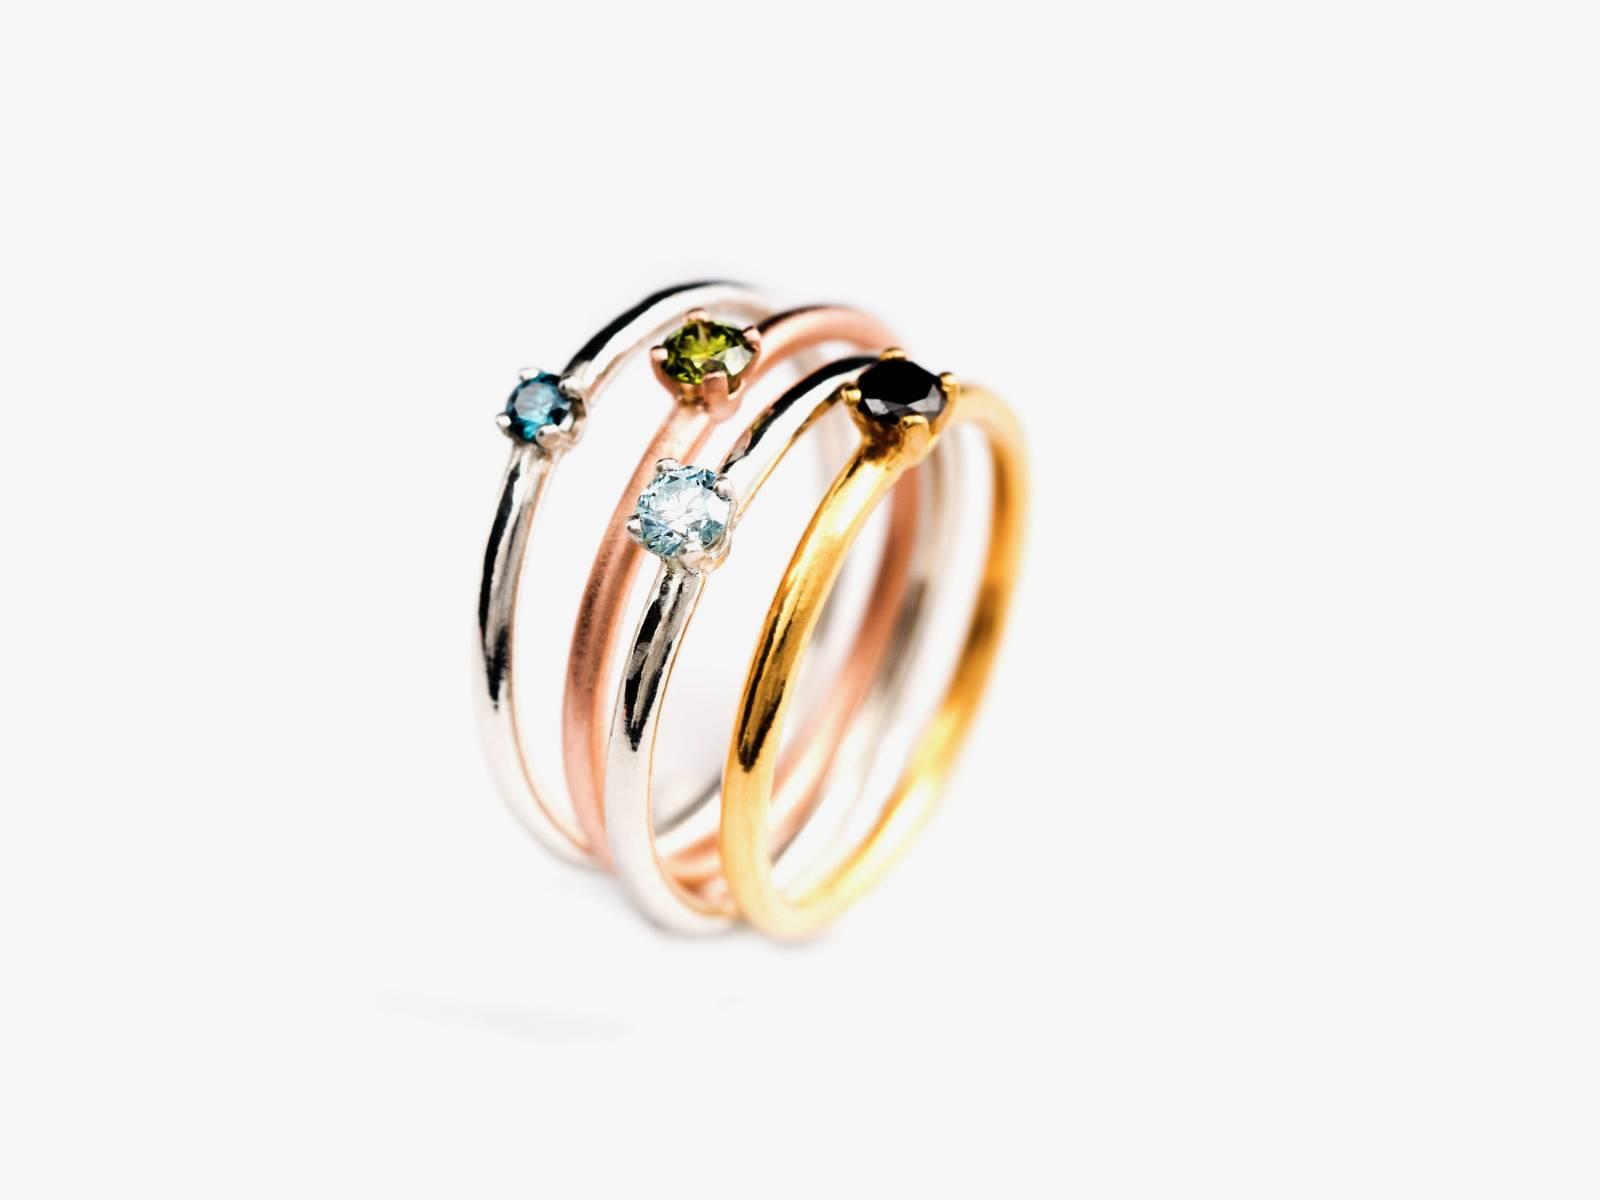 LUX _18K AU solitair lux ringen compositie